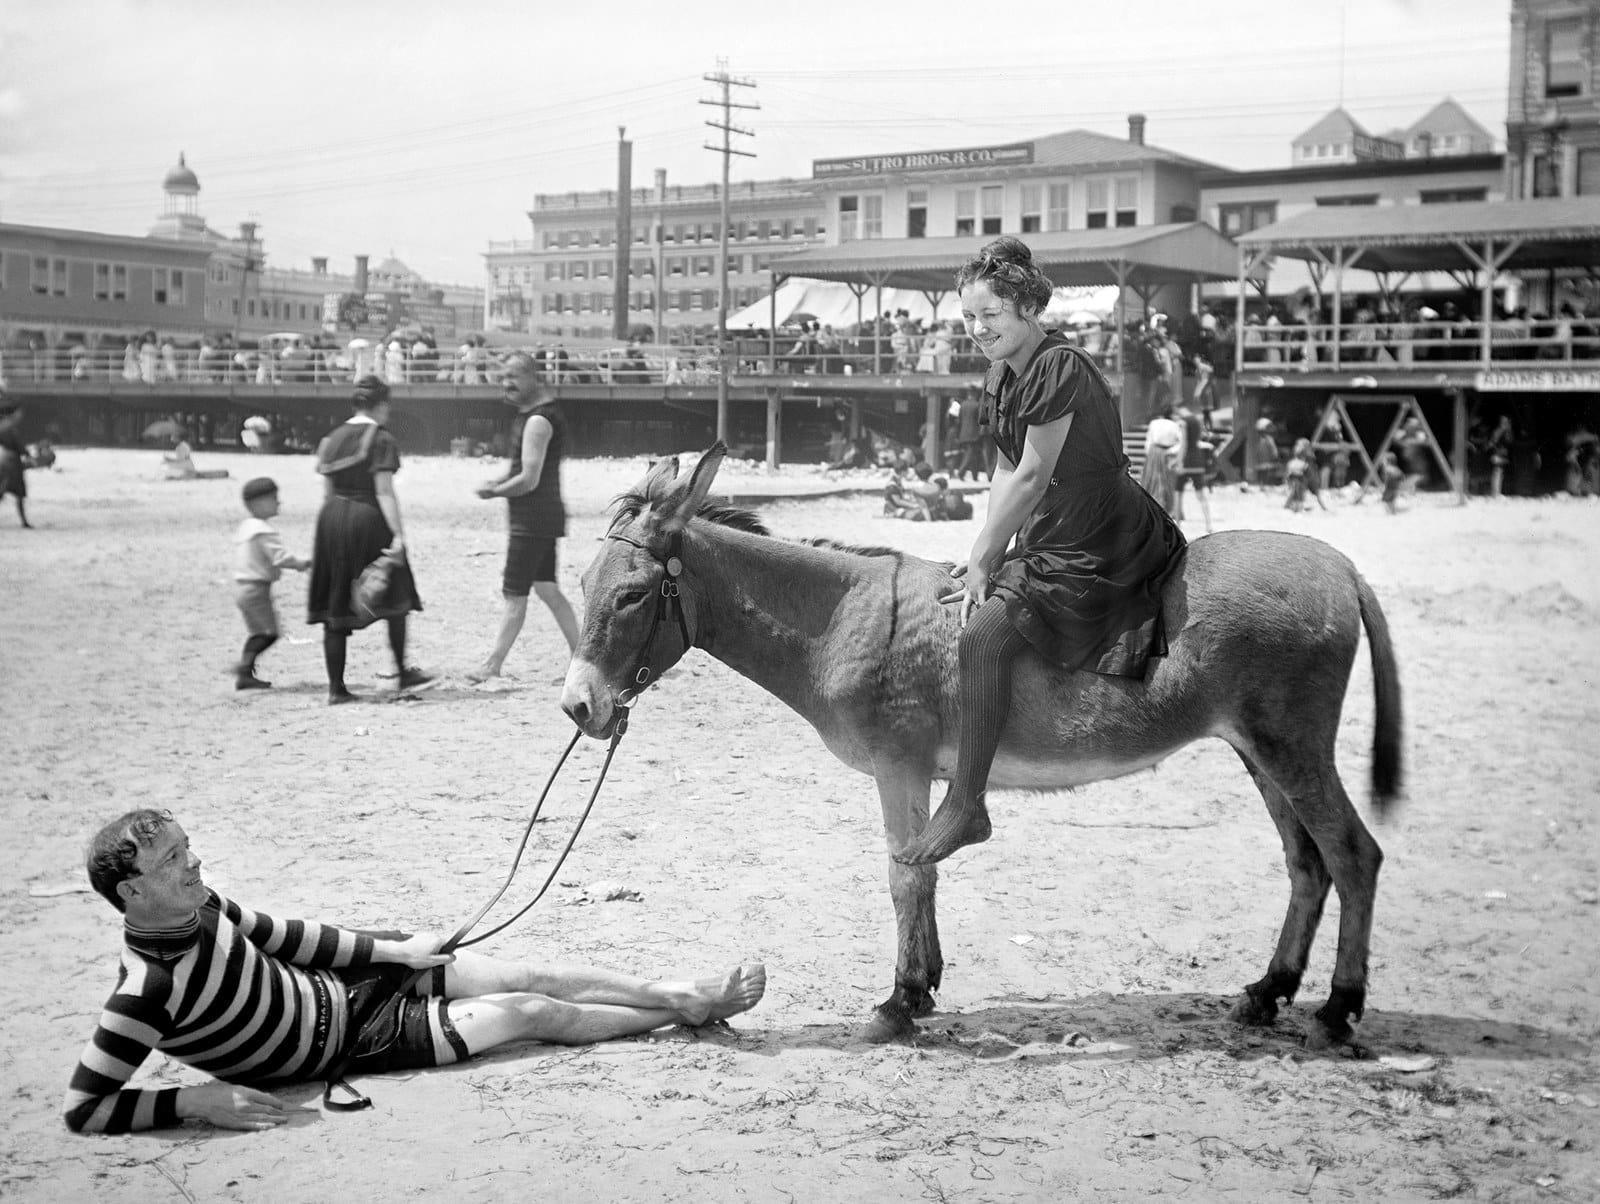 Женщина верхом на осле. Пляж в Атлантик-Сити, 1901 г. 100 лет назад, 20 век, архивные снимки, архивные фотографии, пляж, пляжный отдых, черно-белые фотографии, чёрно-белые фото